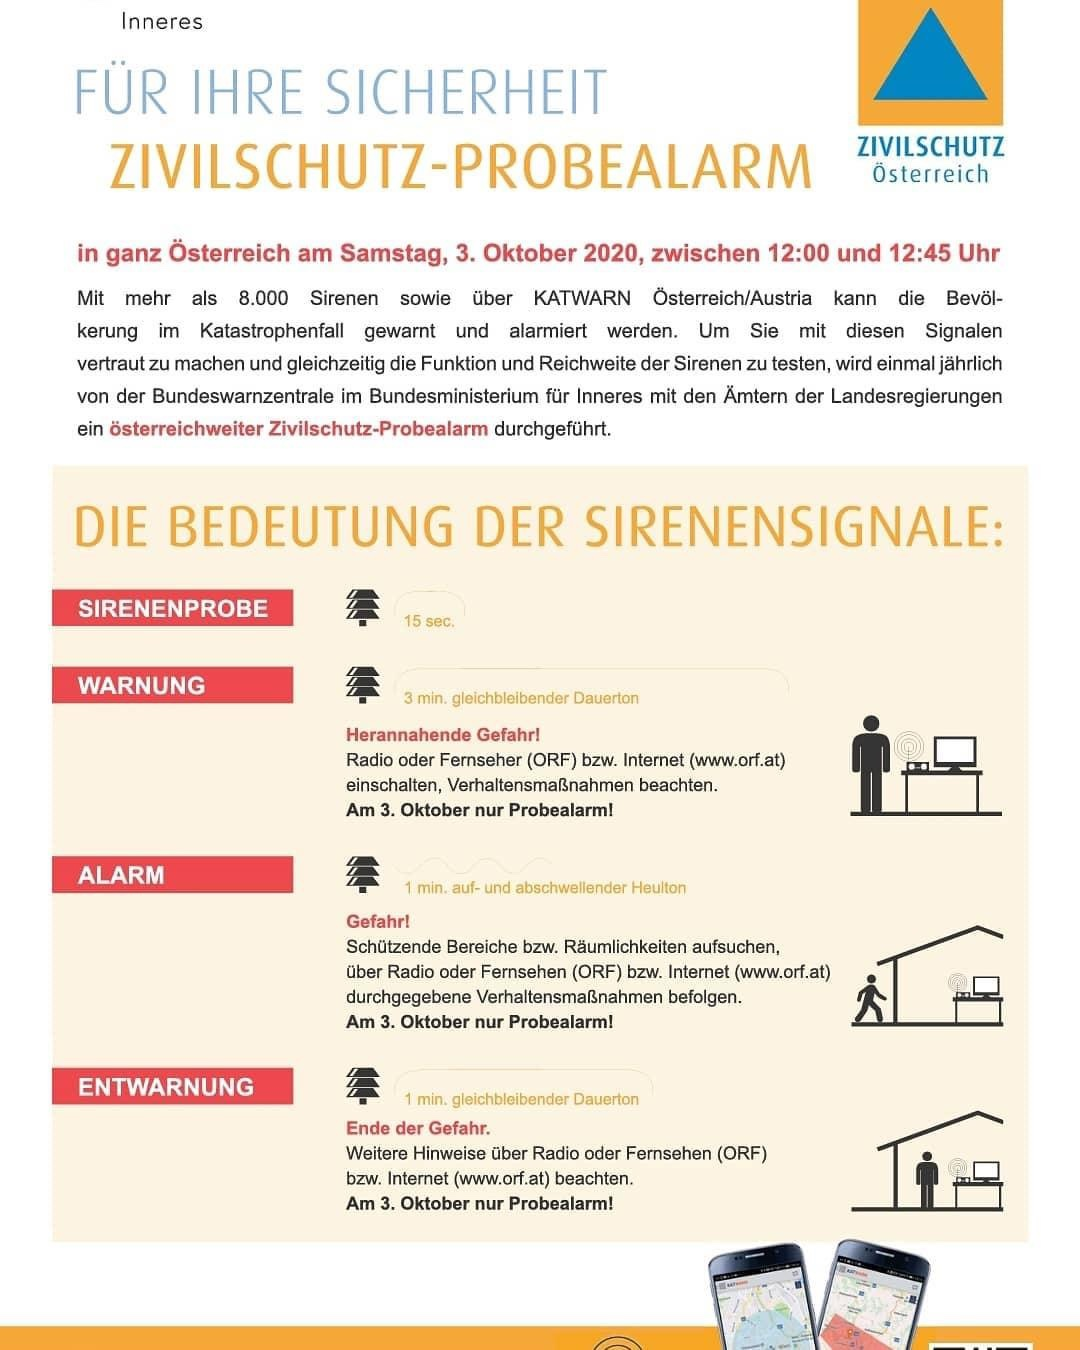 Zivilschutz-Probealarm am 3.10.2020